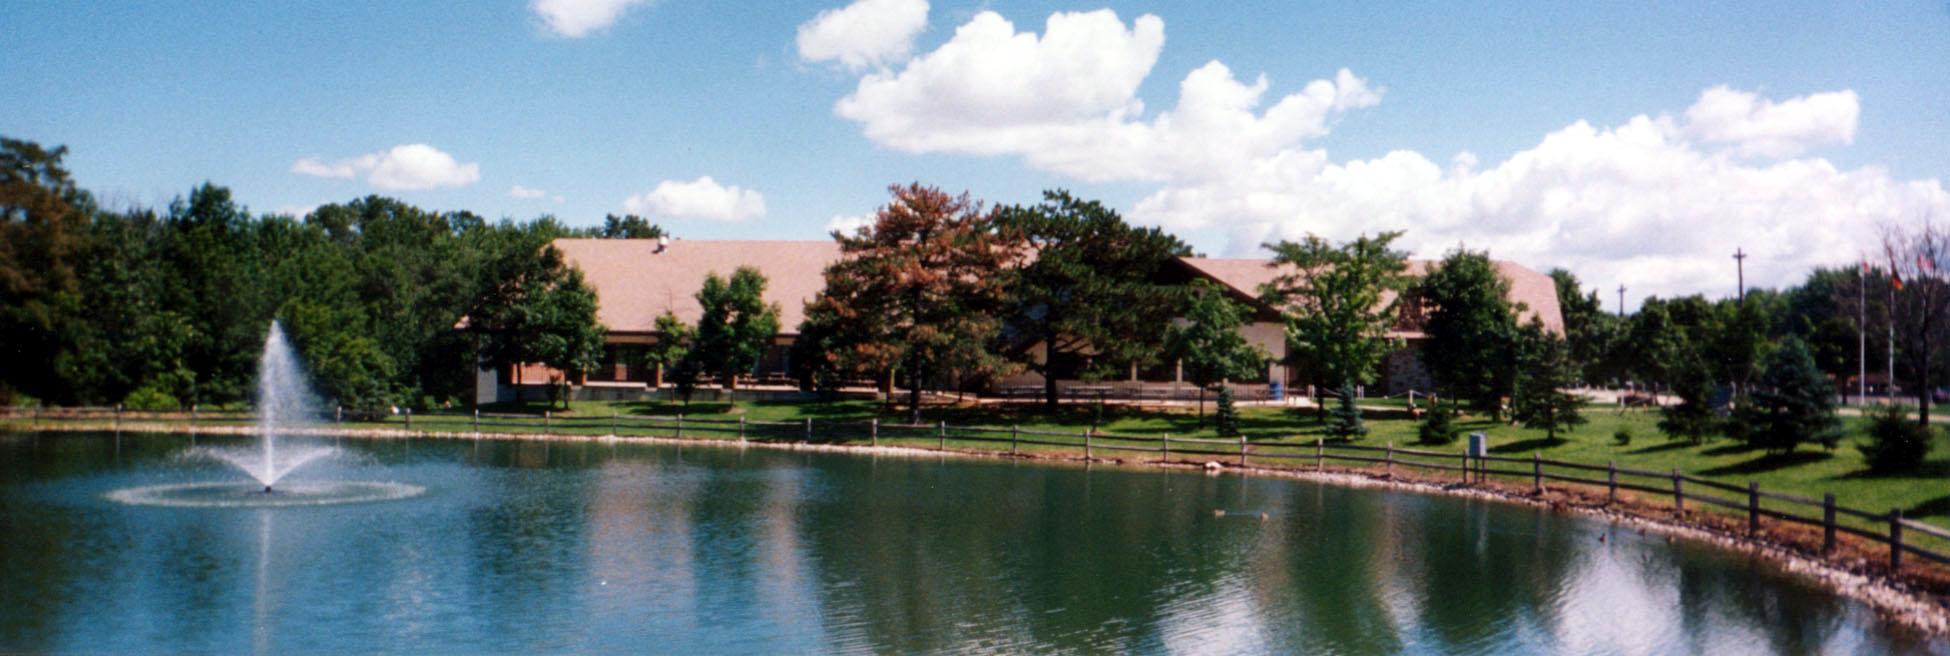 American Aid Society Lake Villa